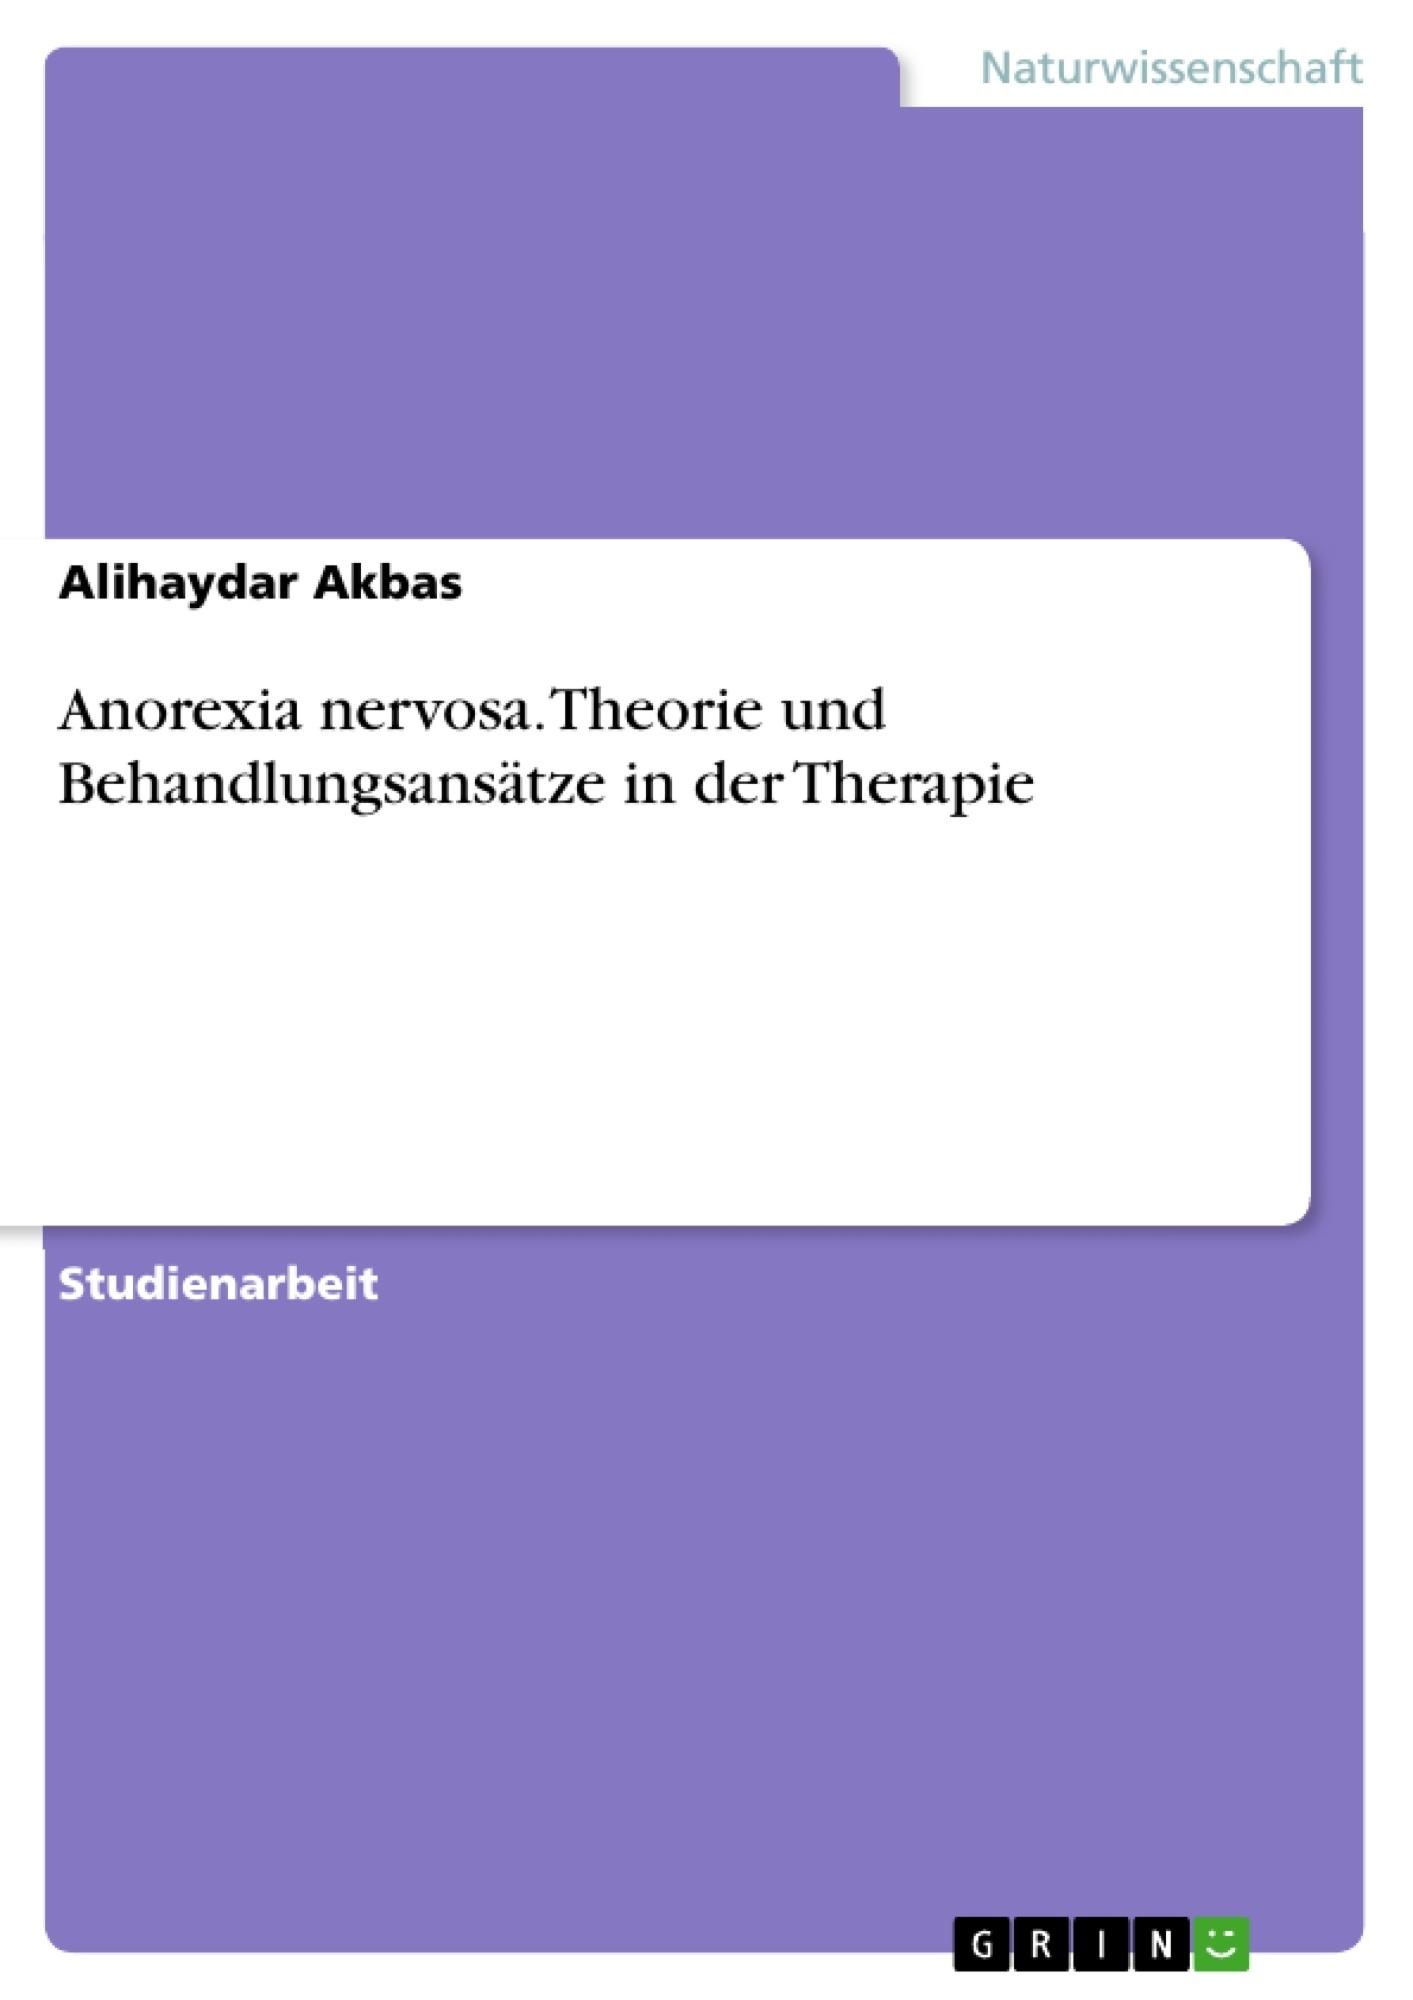 Titel: Anorexia nervosa. Theorie und Behandlungsansätze in der Therapie